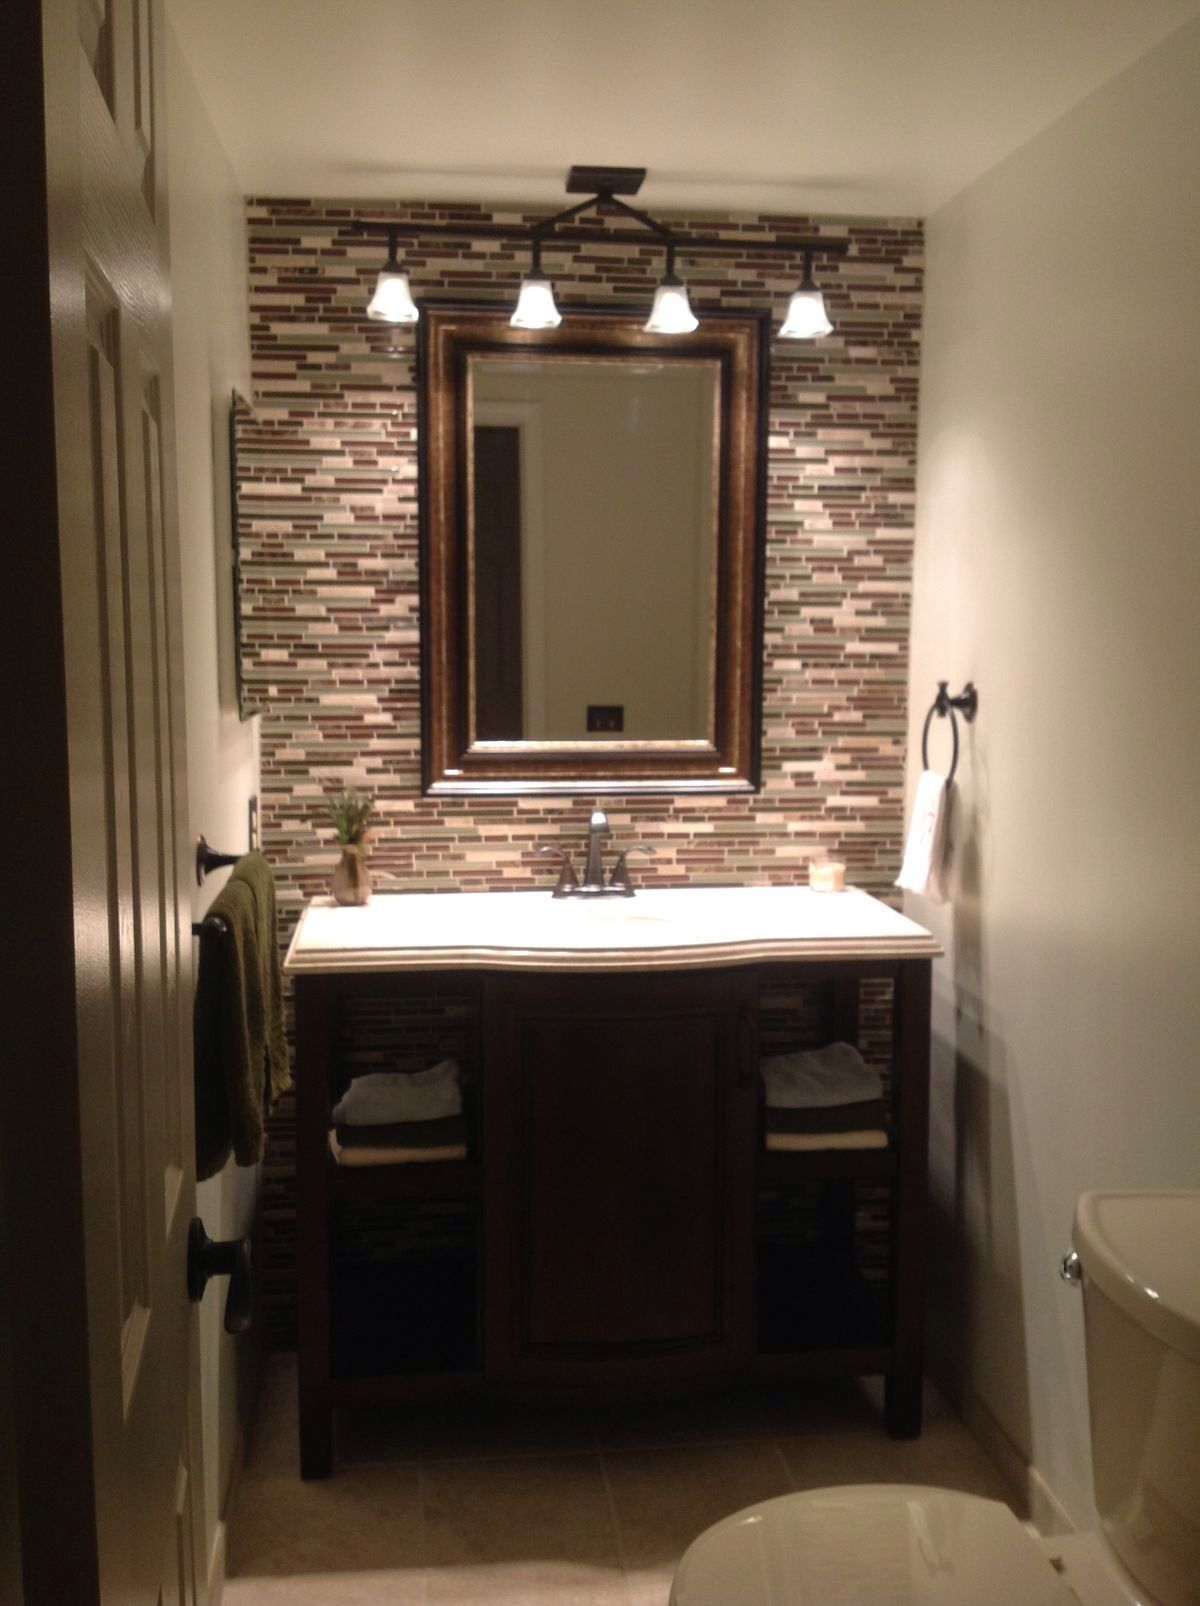 Remodeled Bathroom Ideas Remodeled Bathroom Images ...